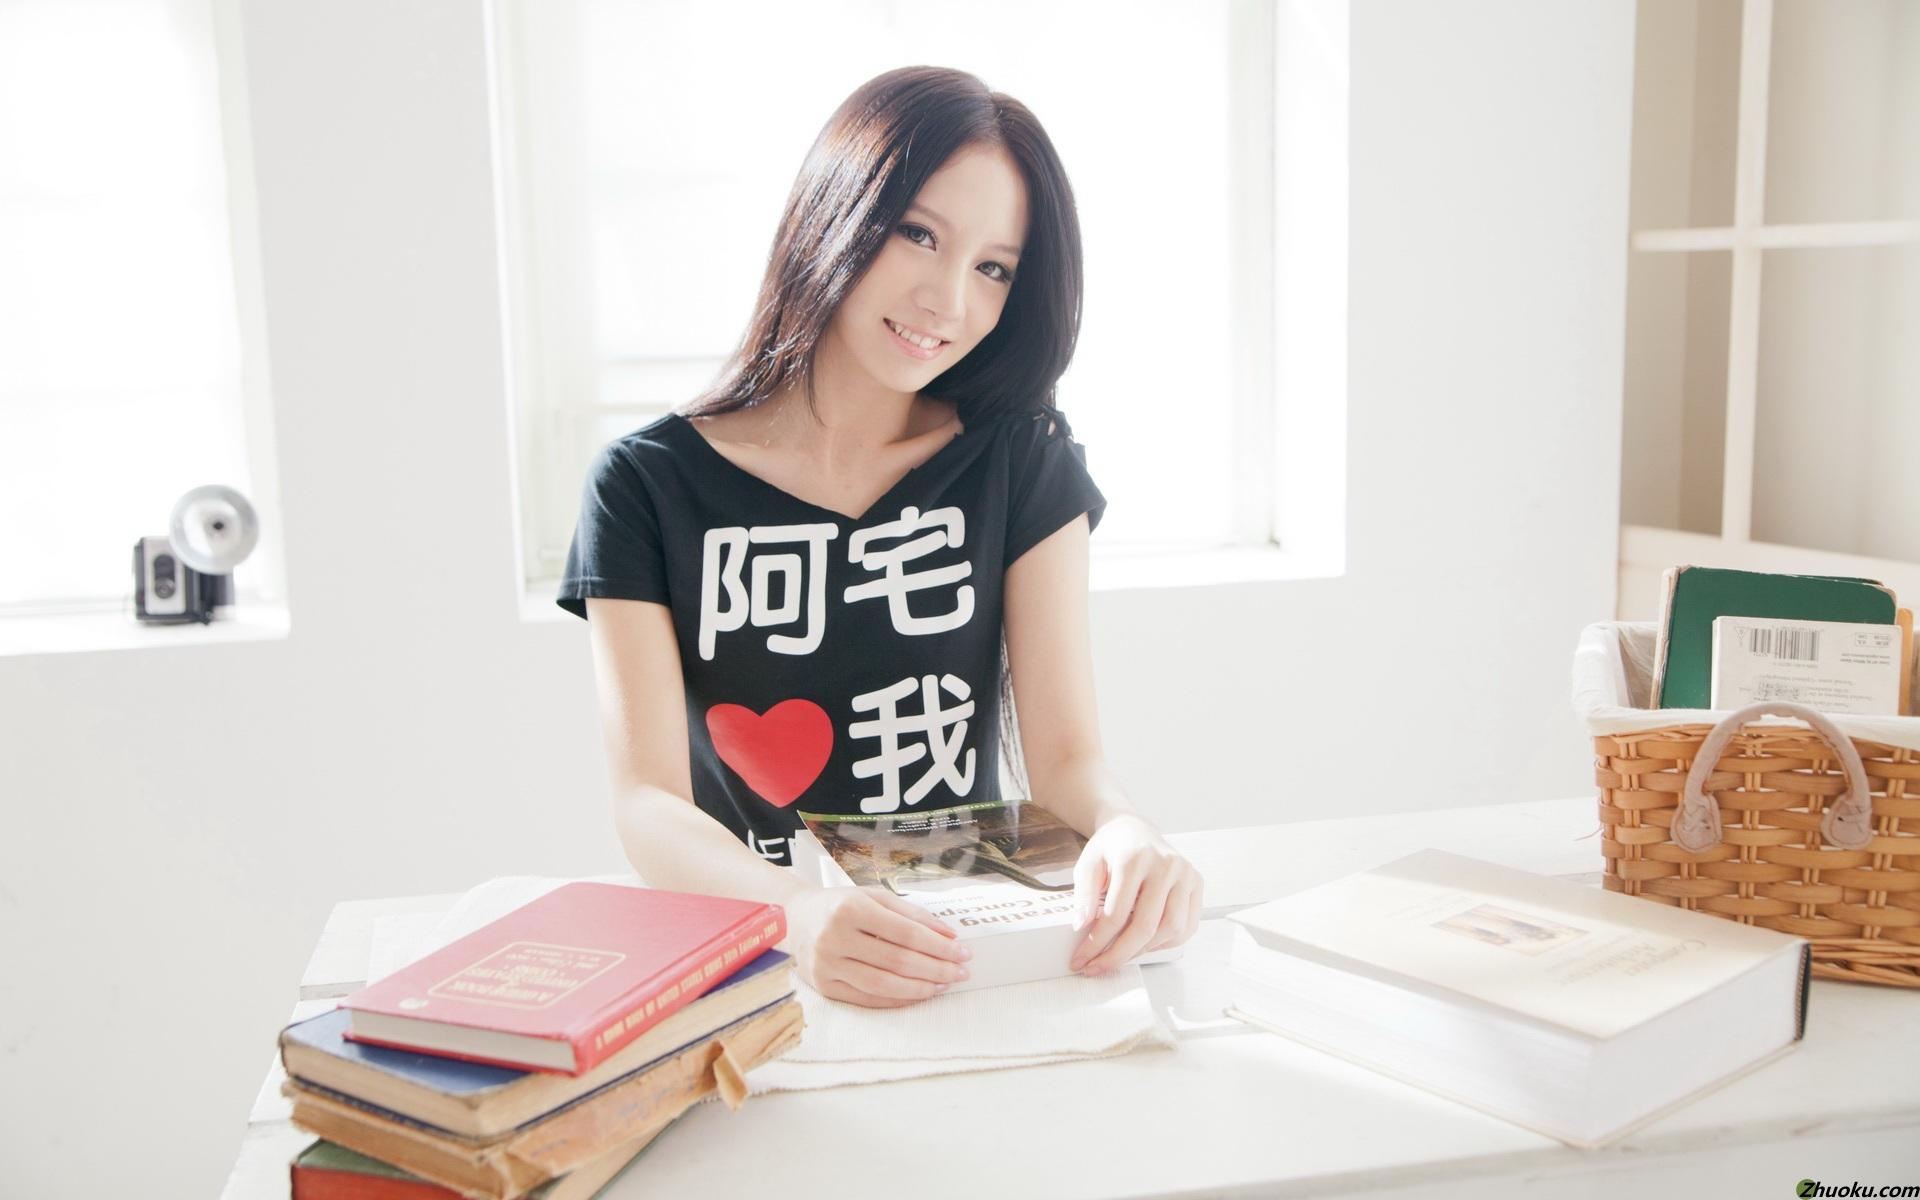 林采缇-女帝蛇姬(壁纸10)